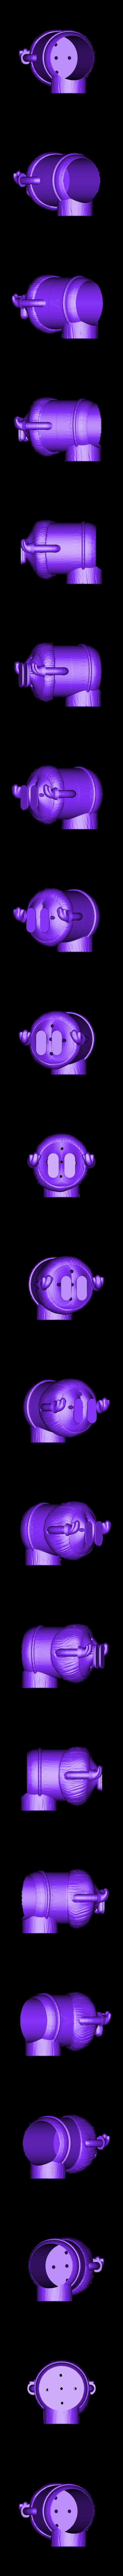 Minion_planter.stl Download free STL file Minion stone age planter • 3D printer design, yoyo-31